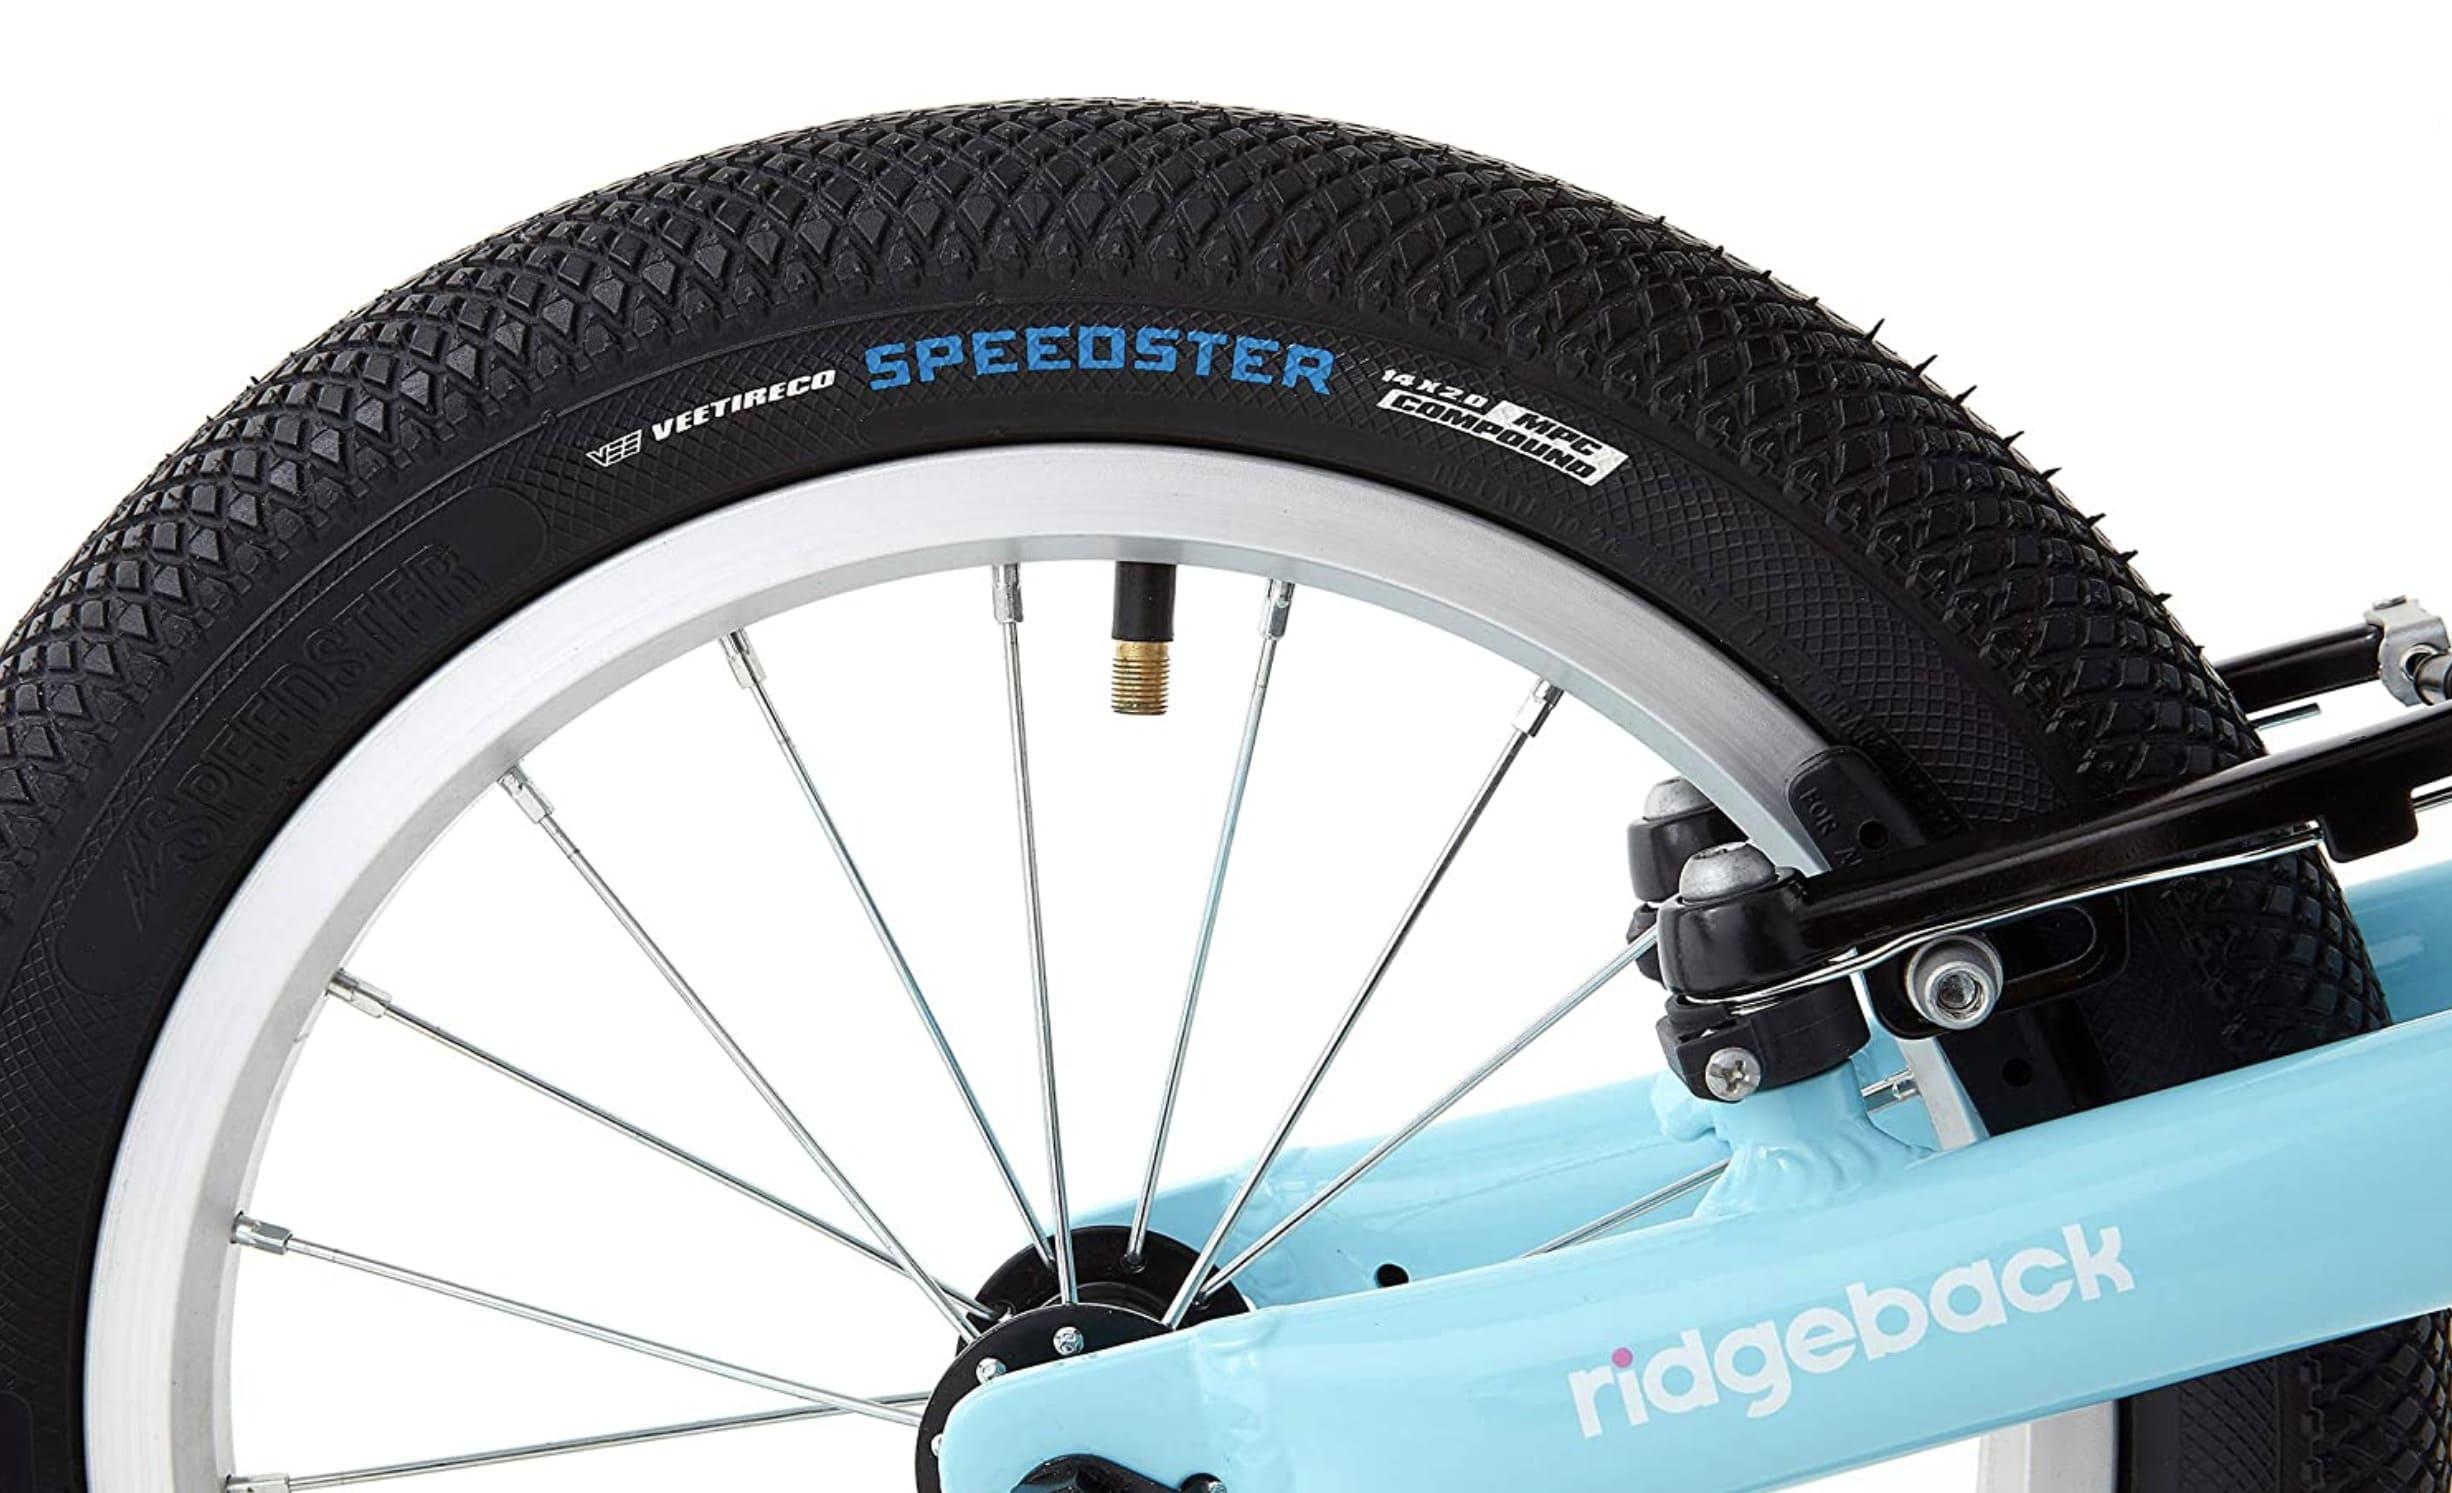 Válvula en la rueda de la bicicleta sin pedales Rigdeback XL